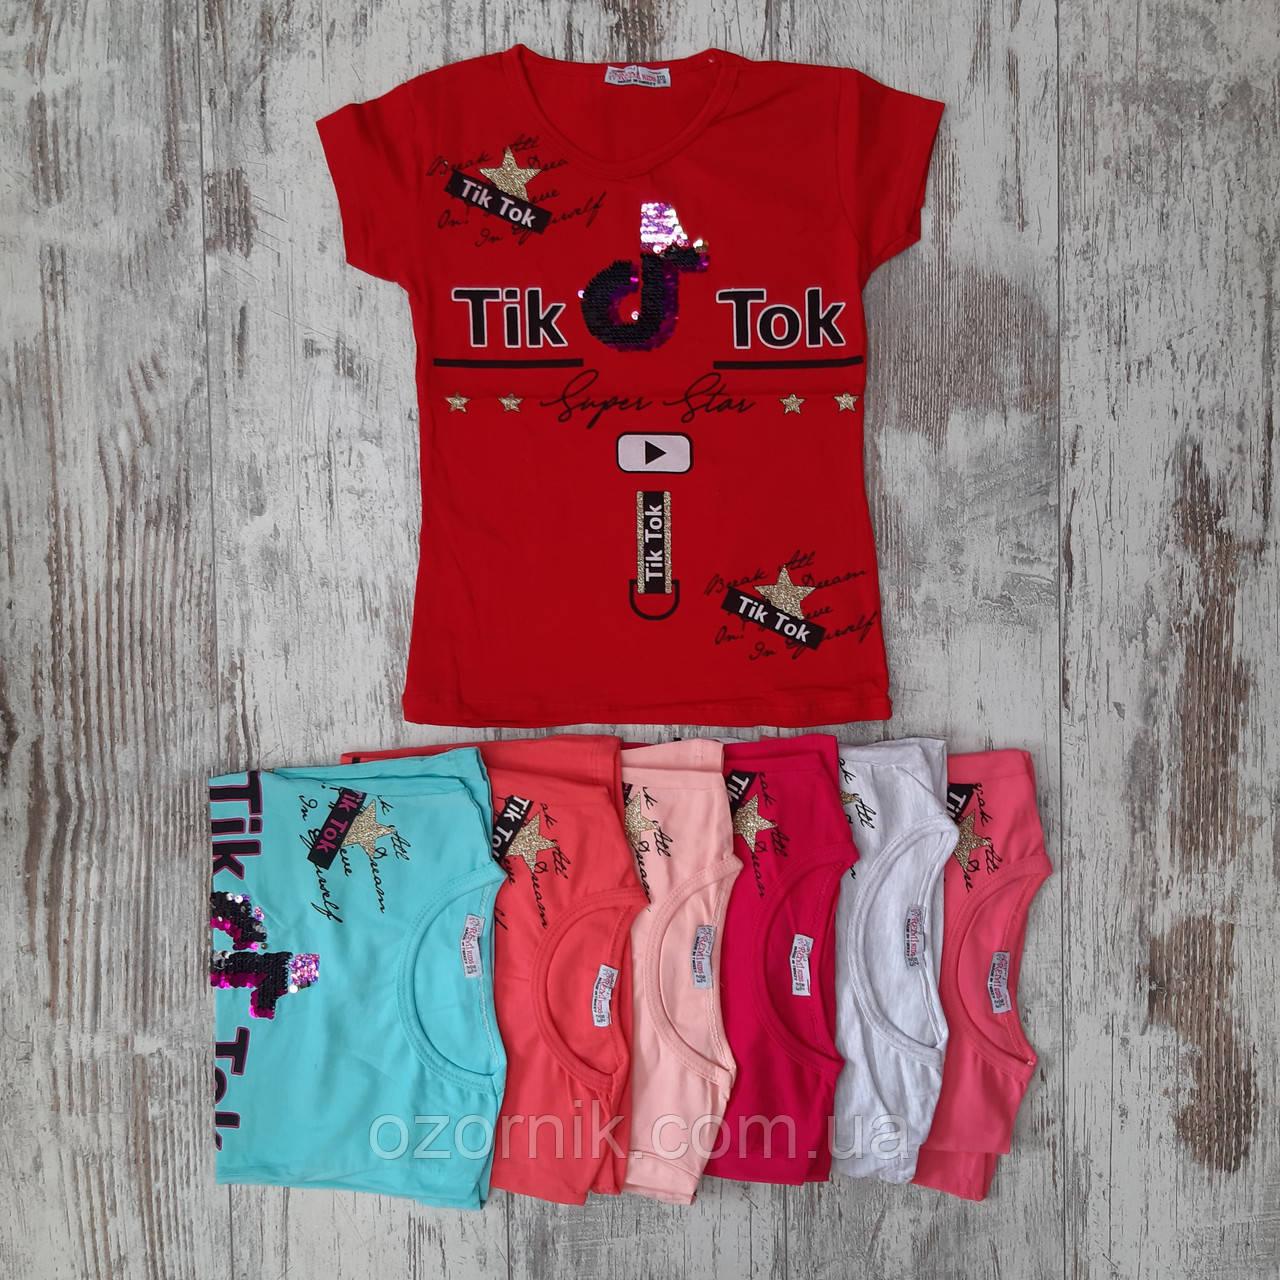 детская футболка Девочка тик ток Турция